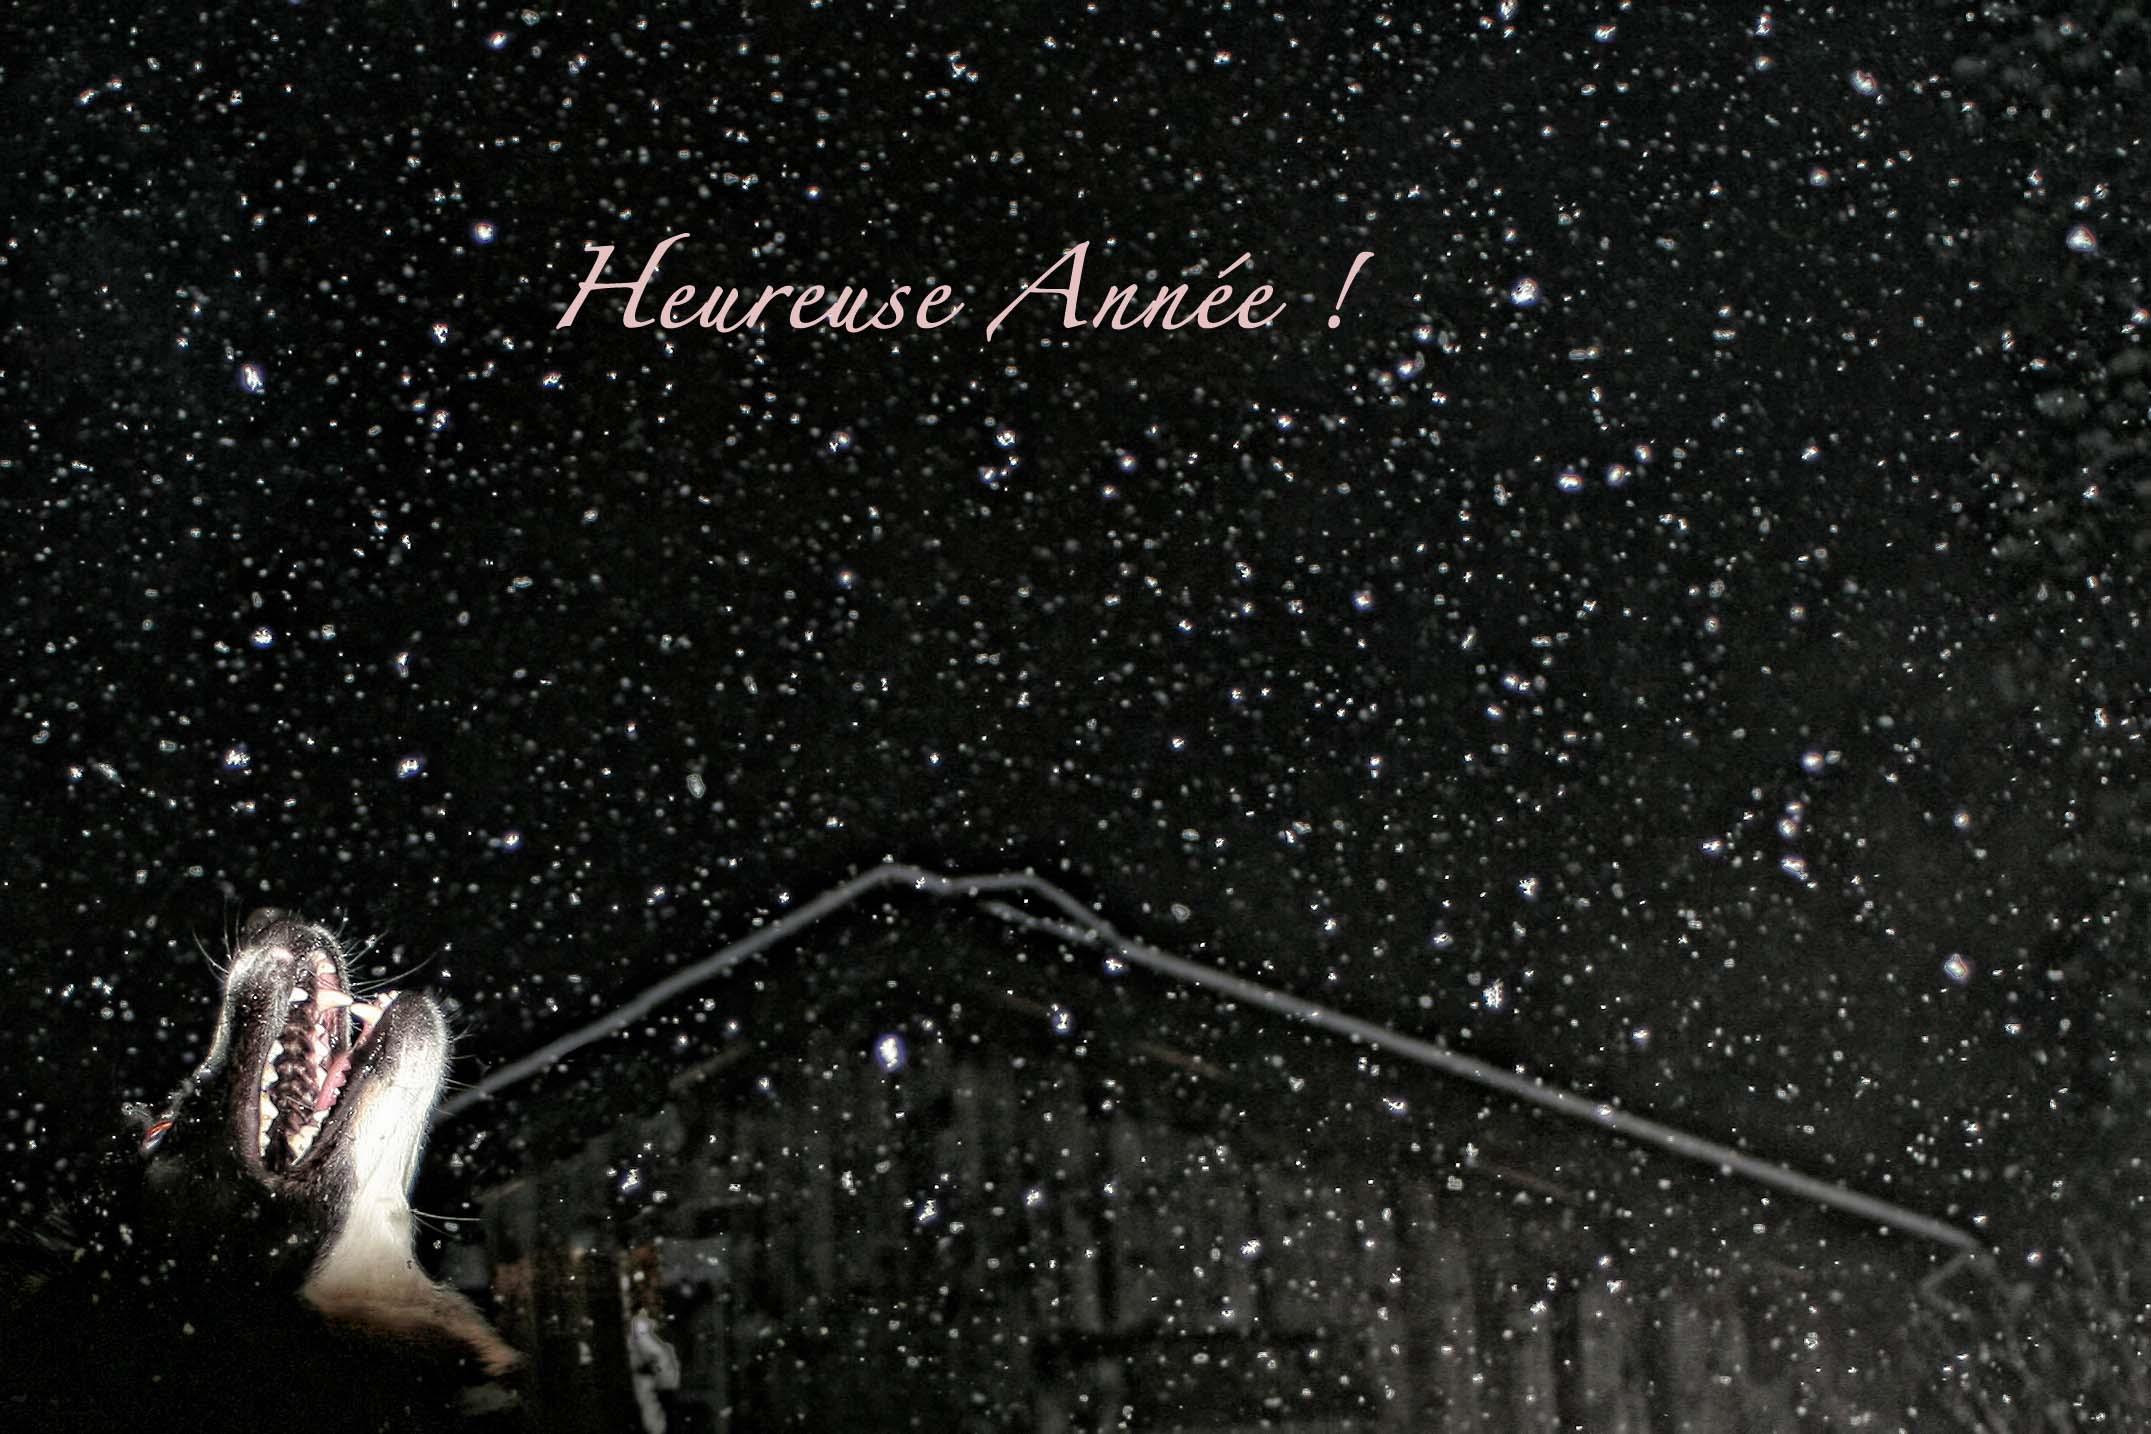 Dansen Op De Vulkaan Van Animatiefilm Tot Pipowagen In Frankrijk